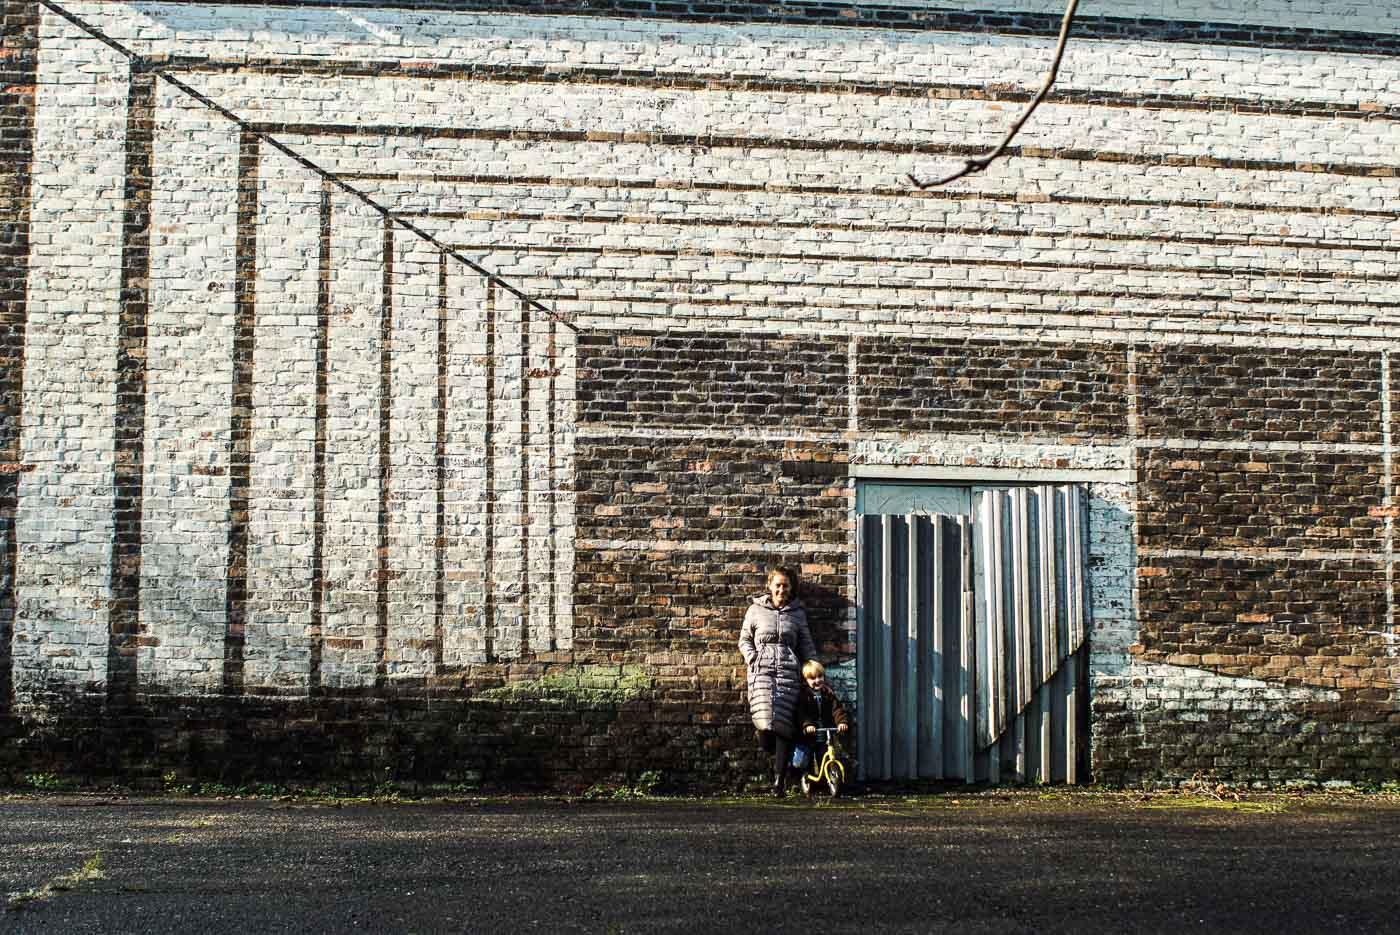 Lea steht neben Luke der auf seinem Laufrad sitzt neben einer grauen Tür. Auf die Backsteine des Gebäudes wurde mit weißer Farbe perspektivisch der Innenraum einer Halle gezeichnet.